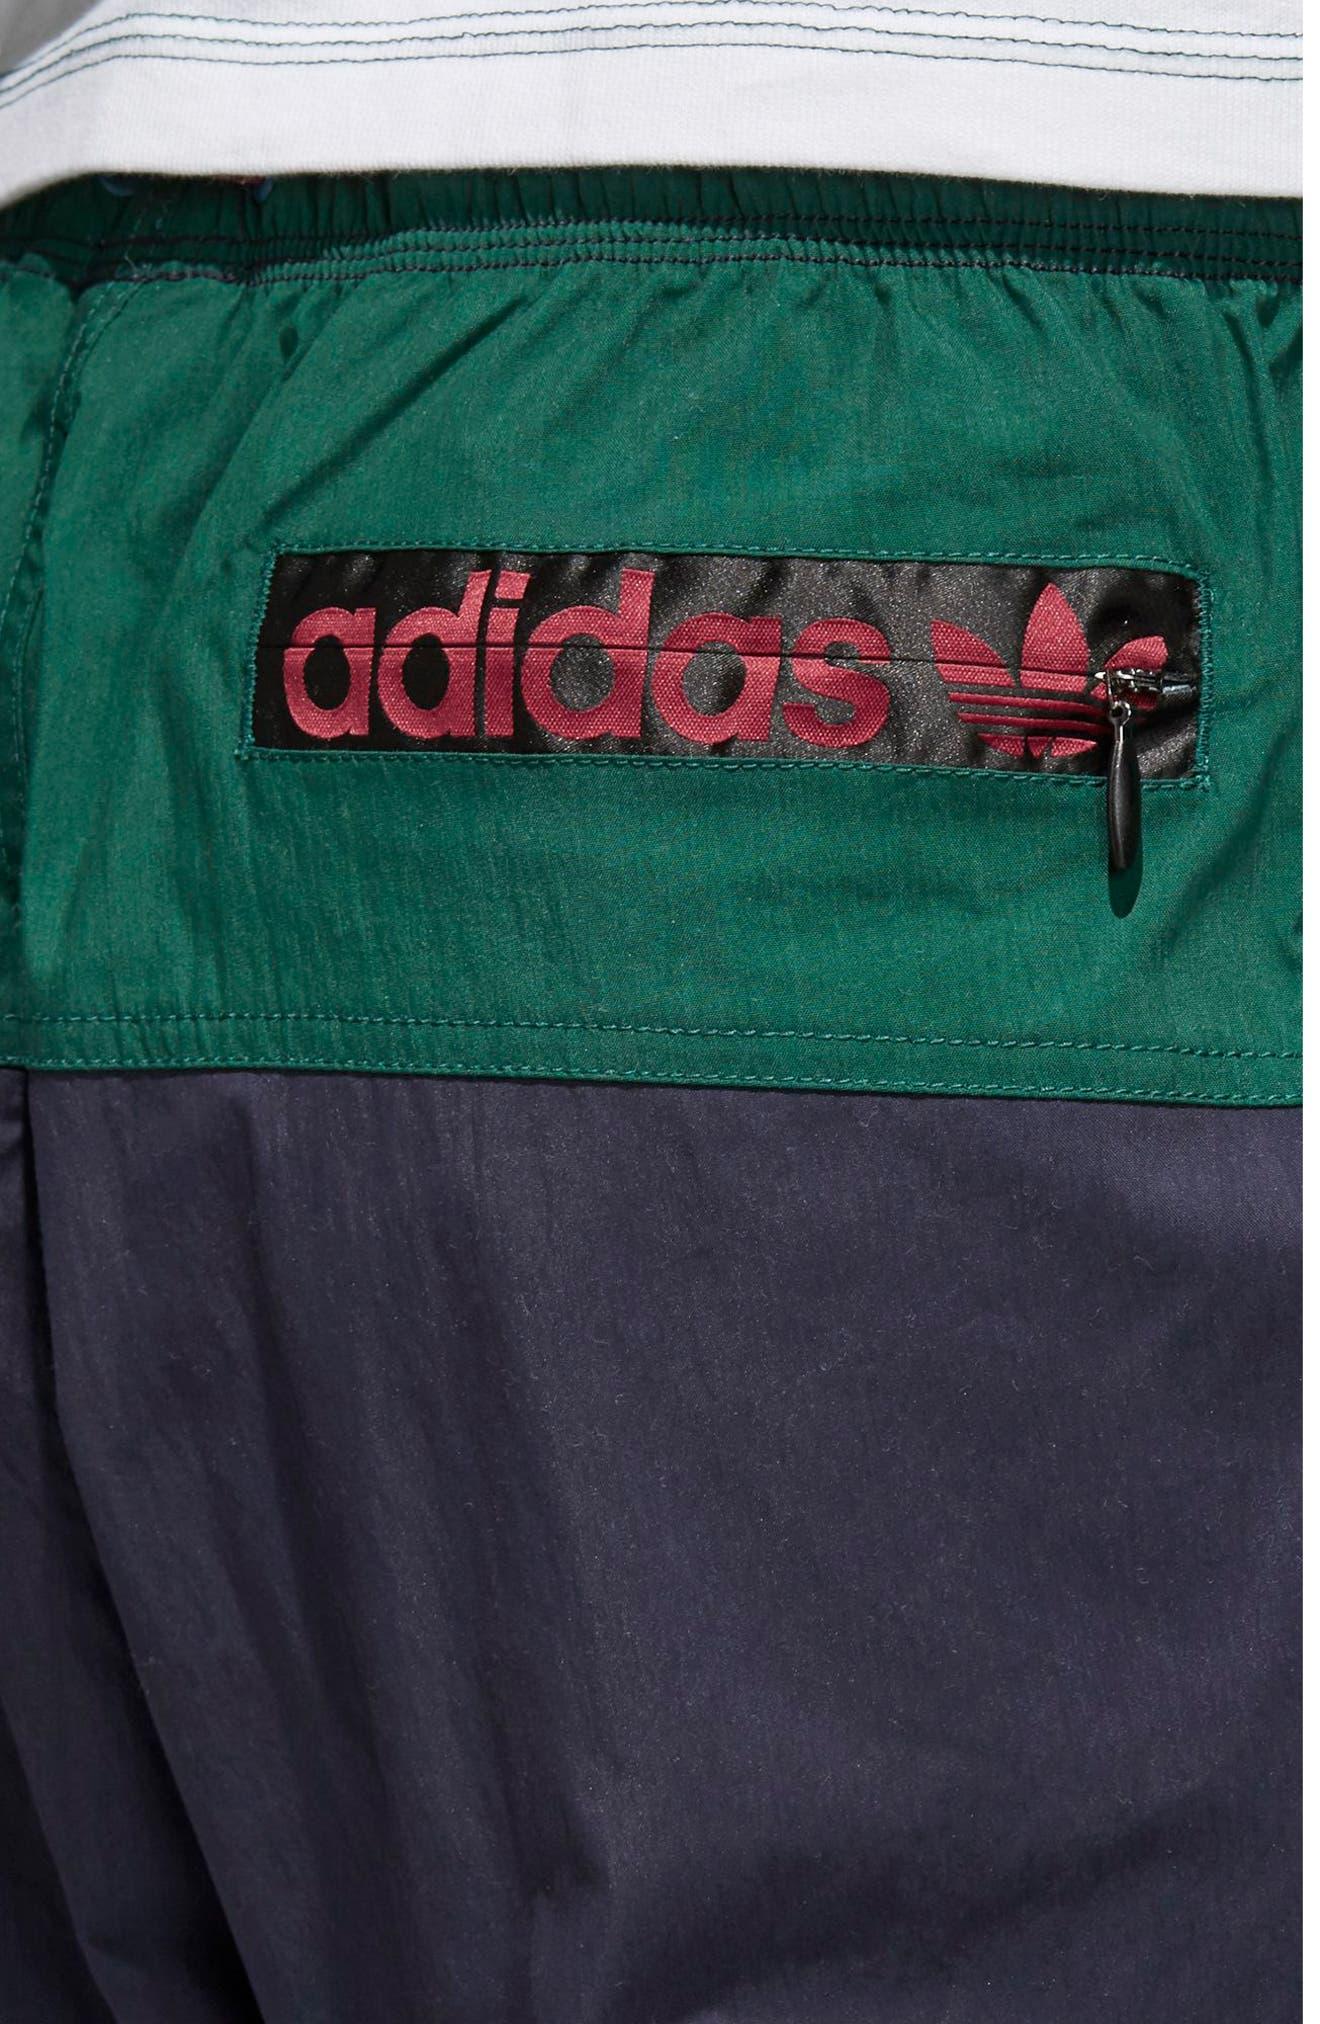 Atric Slim Fit Pants,                             Alternate thumbnail 4, color,                             Collegiate Green